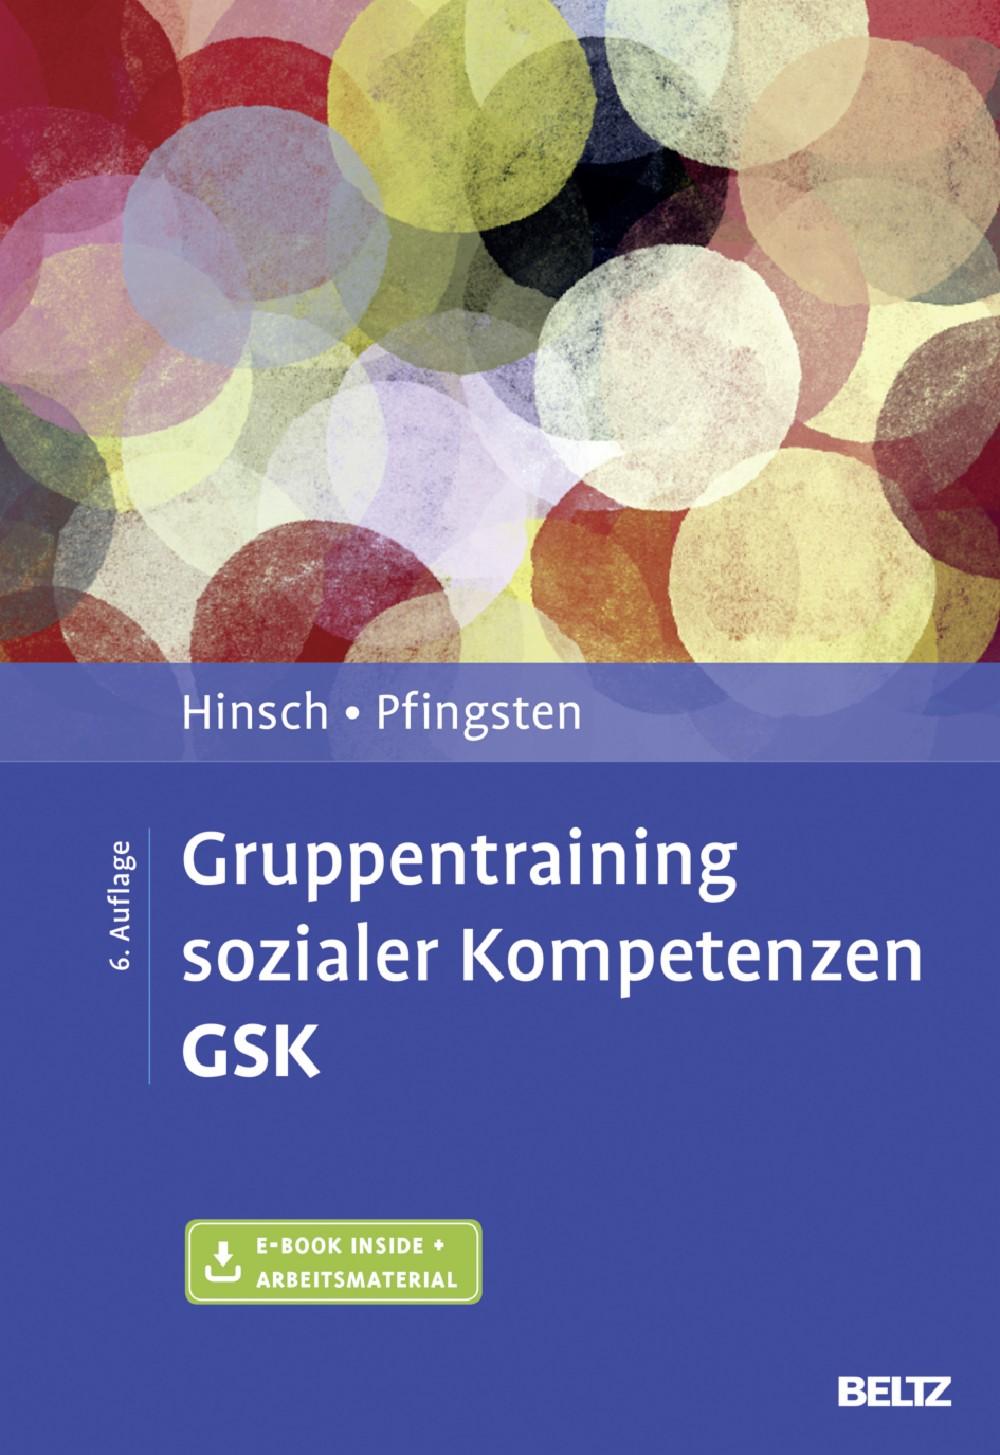 Gruppentraining sozialer Kompetenzen GSK - Grundlagen, Durchführung ...